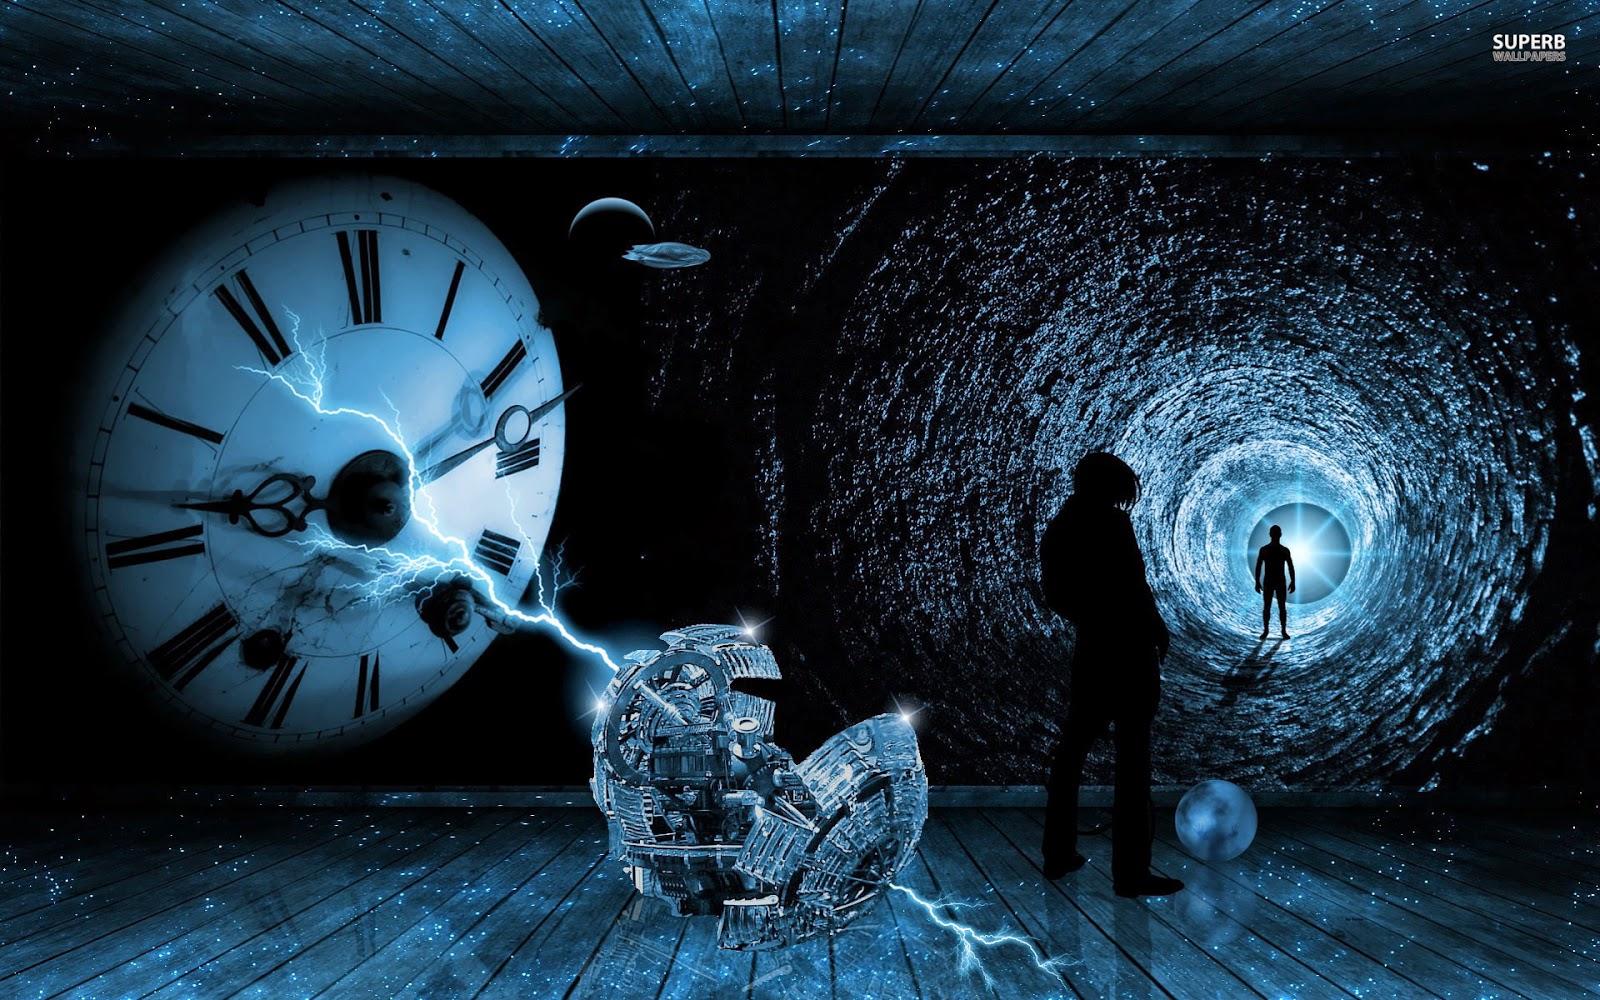 Menguak Misteri Dunia Misteri Lubang Waktu